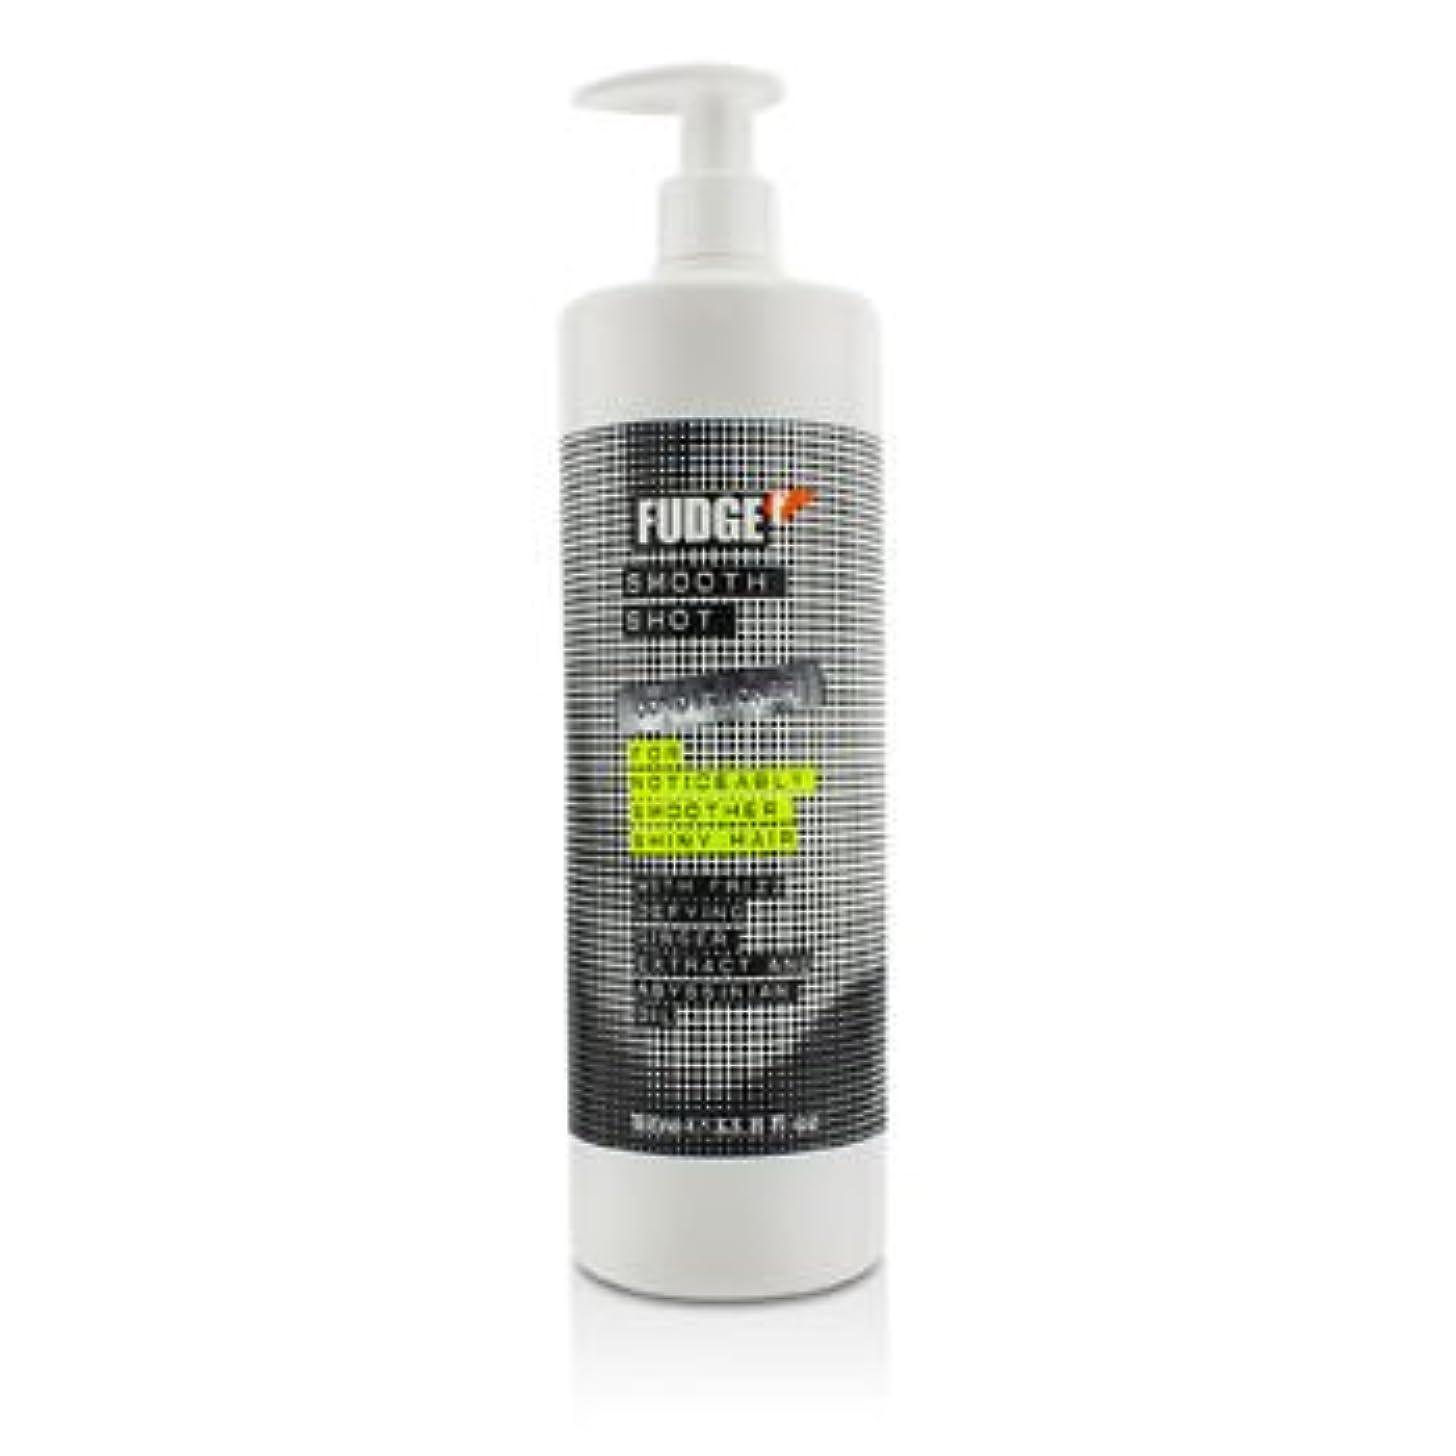 公使館標準真似る[Fudge] Smooth Shot Conditioner (For Noticeably Smoother Shiny Hair) 1000ml/33.8oz